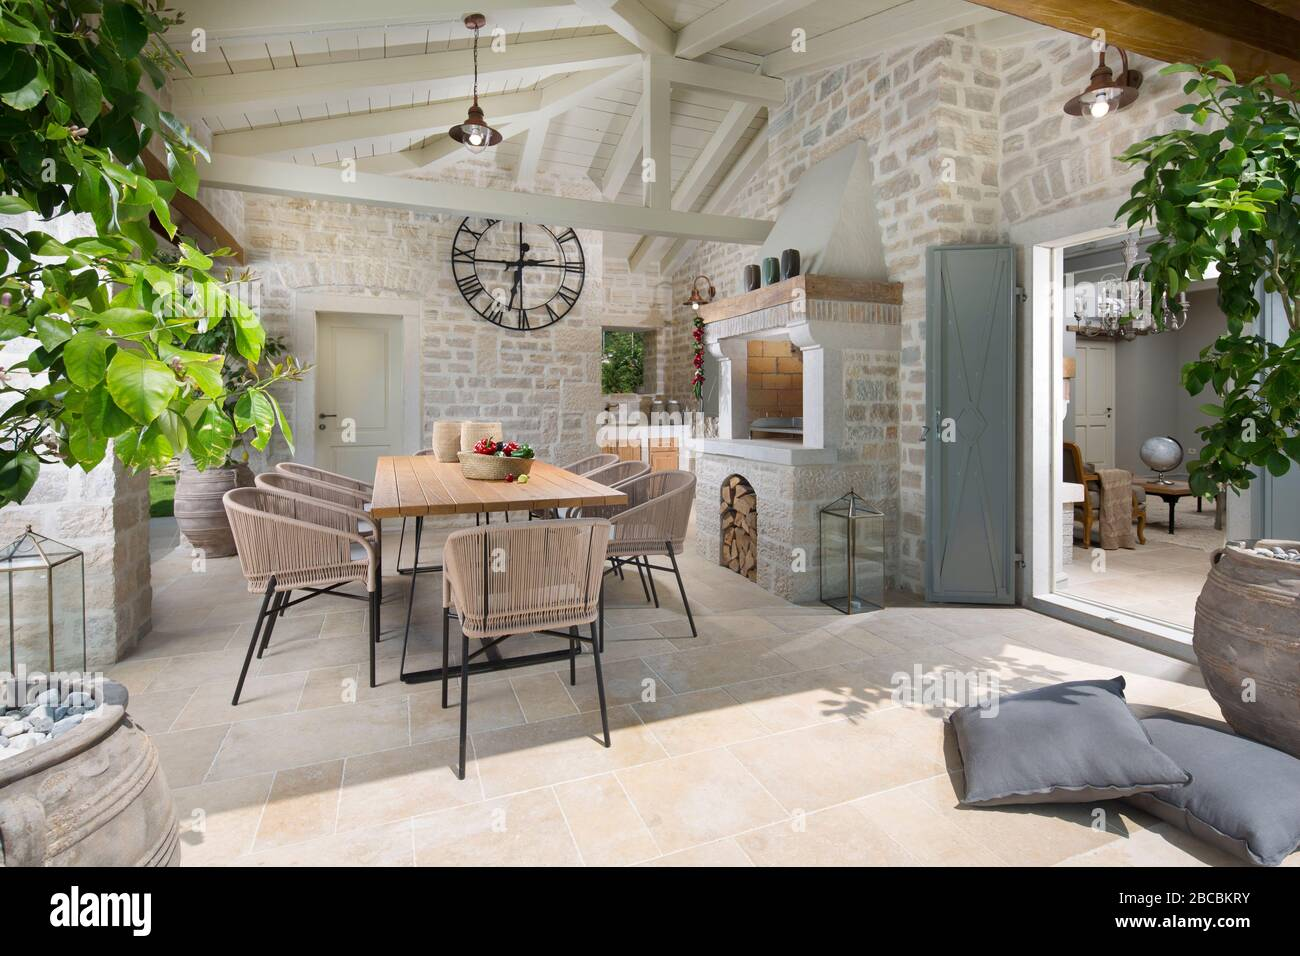 Überdachte Terrasse Stockfotos und  bilder Kaufen   Alamy